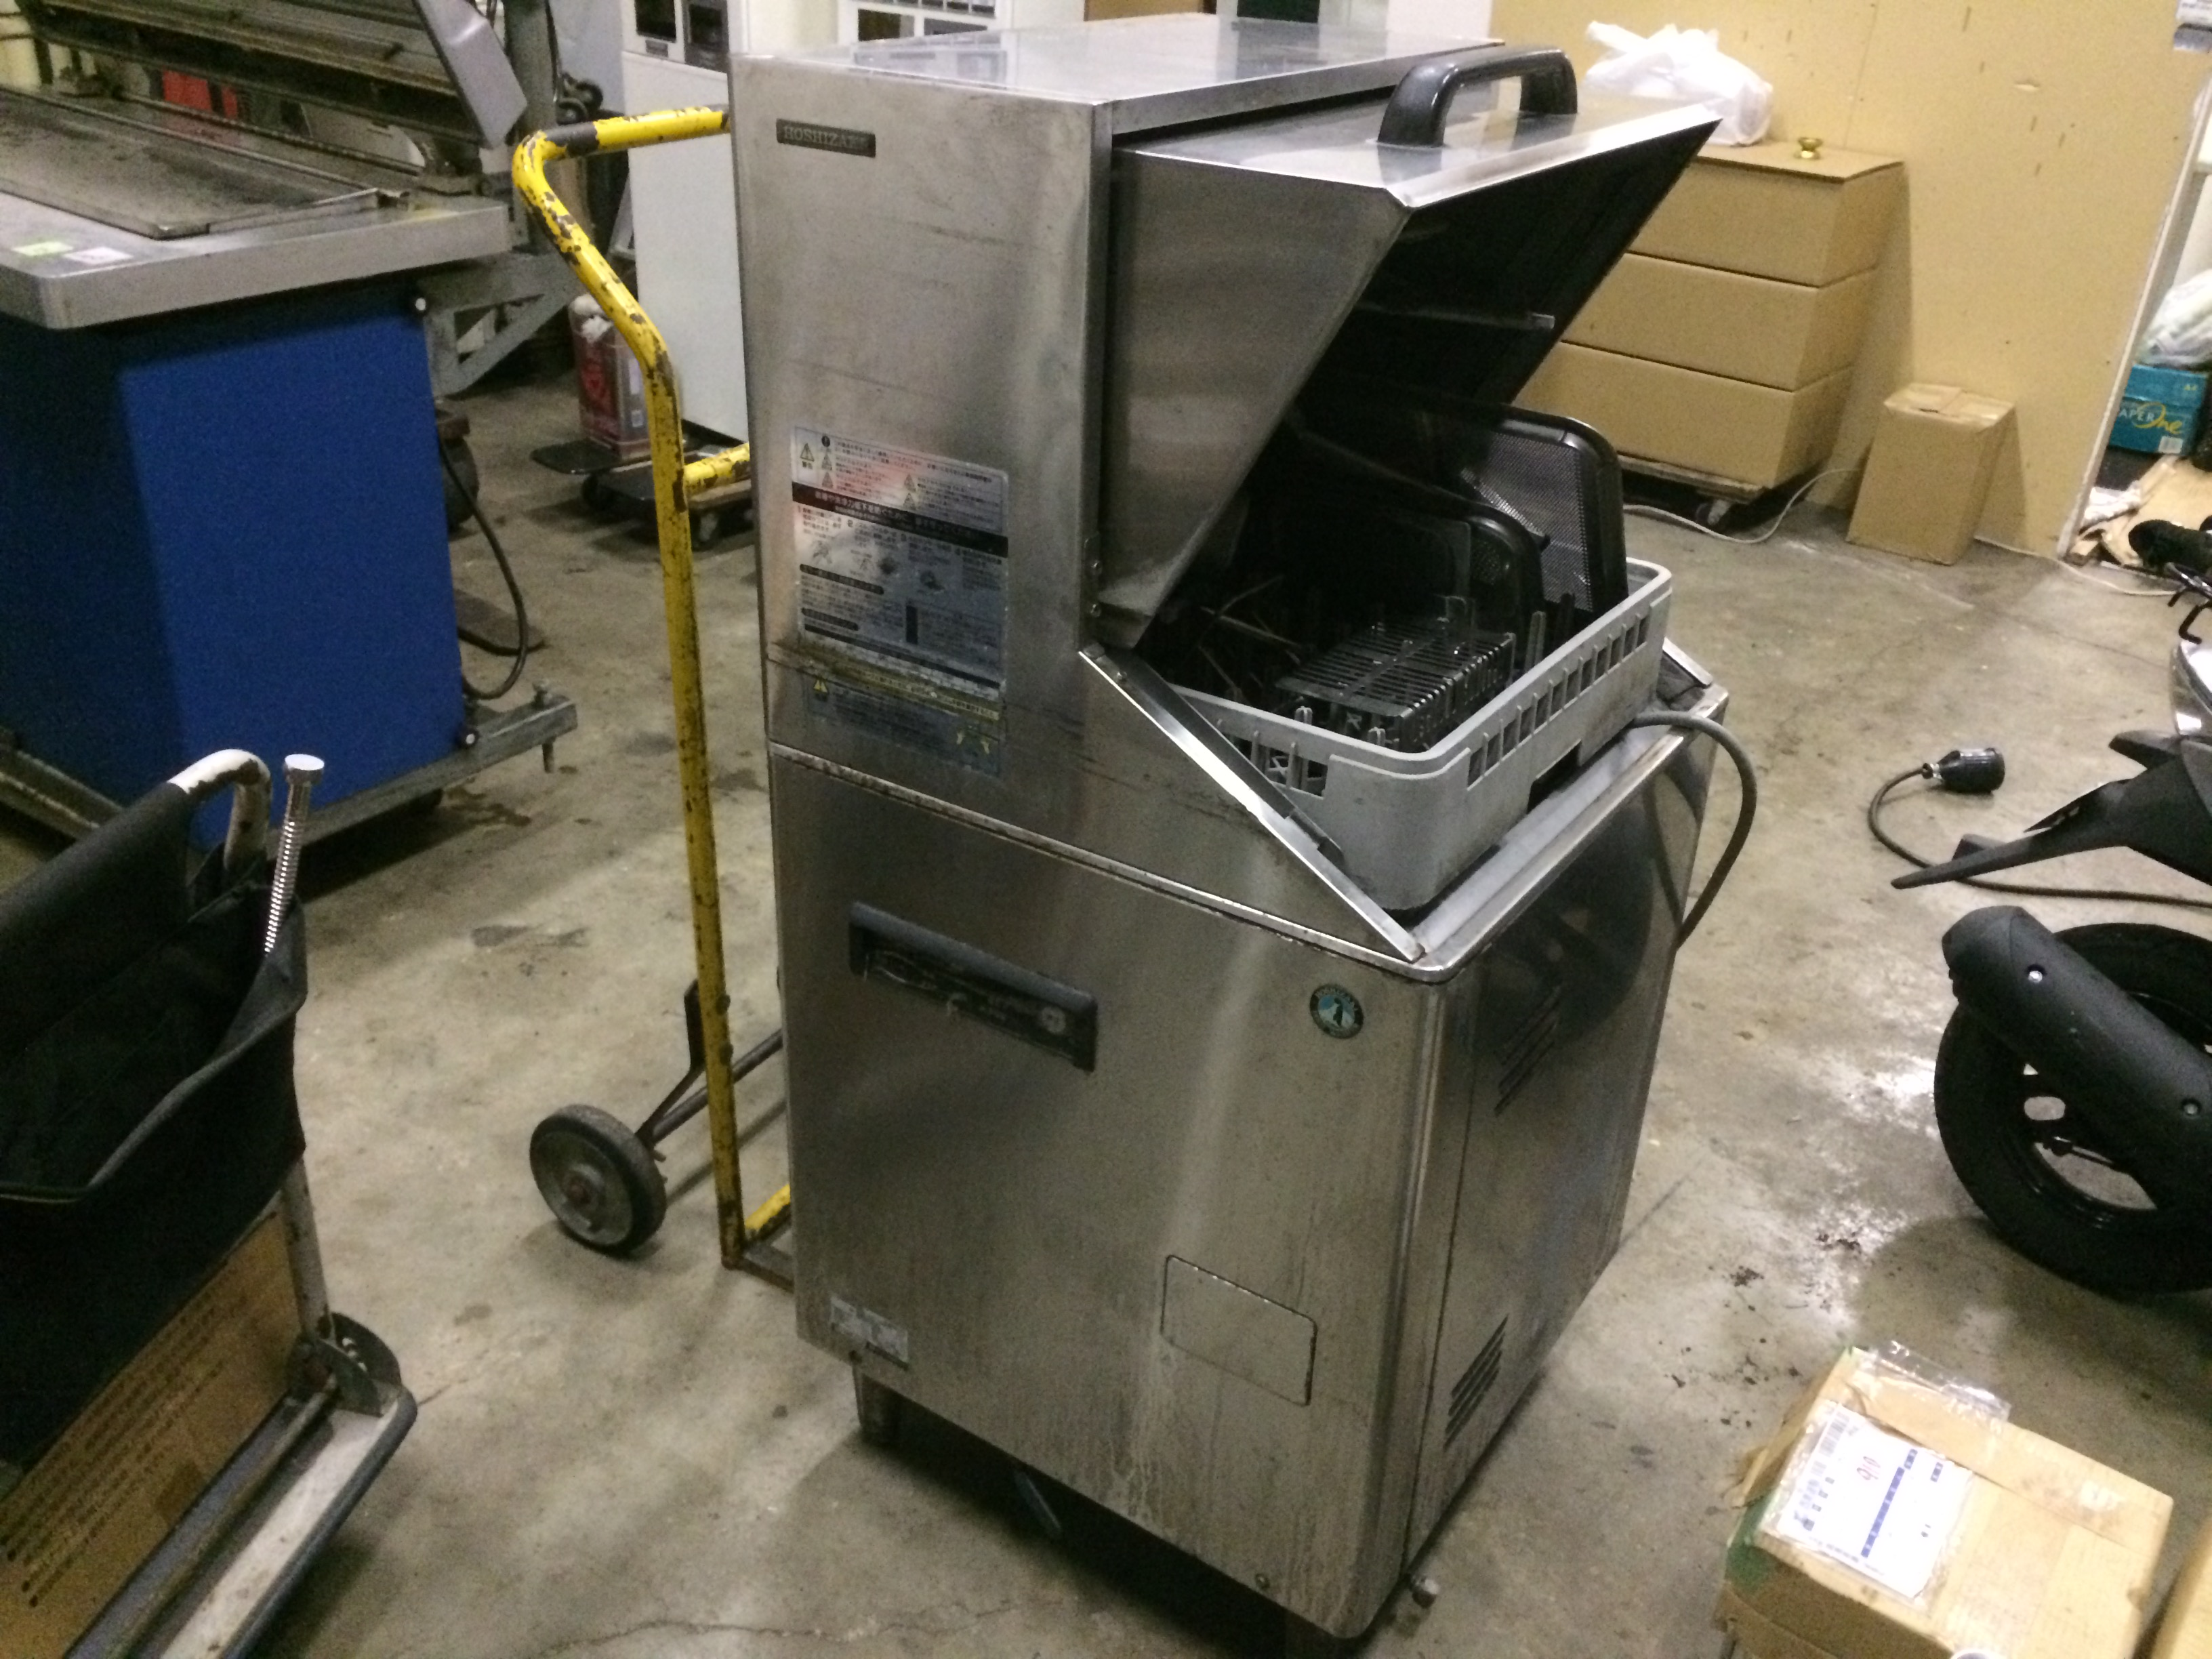 ホシザキ 食器洗浄機(JW-450)買取ました!福岡・熊本で厨房機器の事は厨房ジャックへ